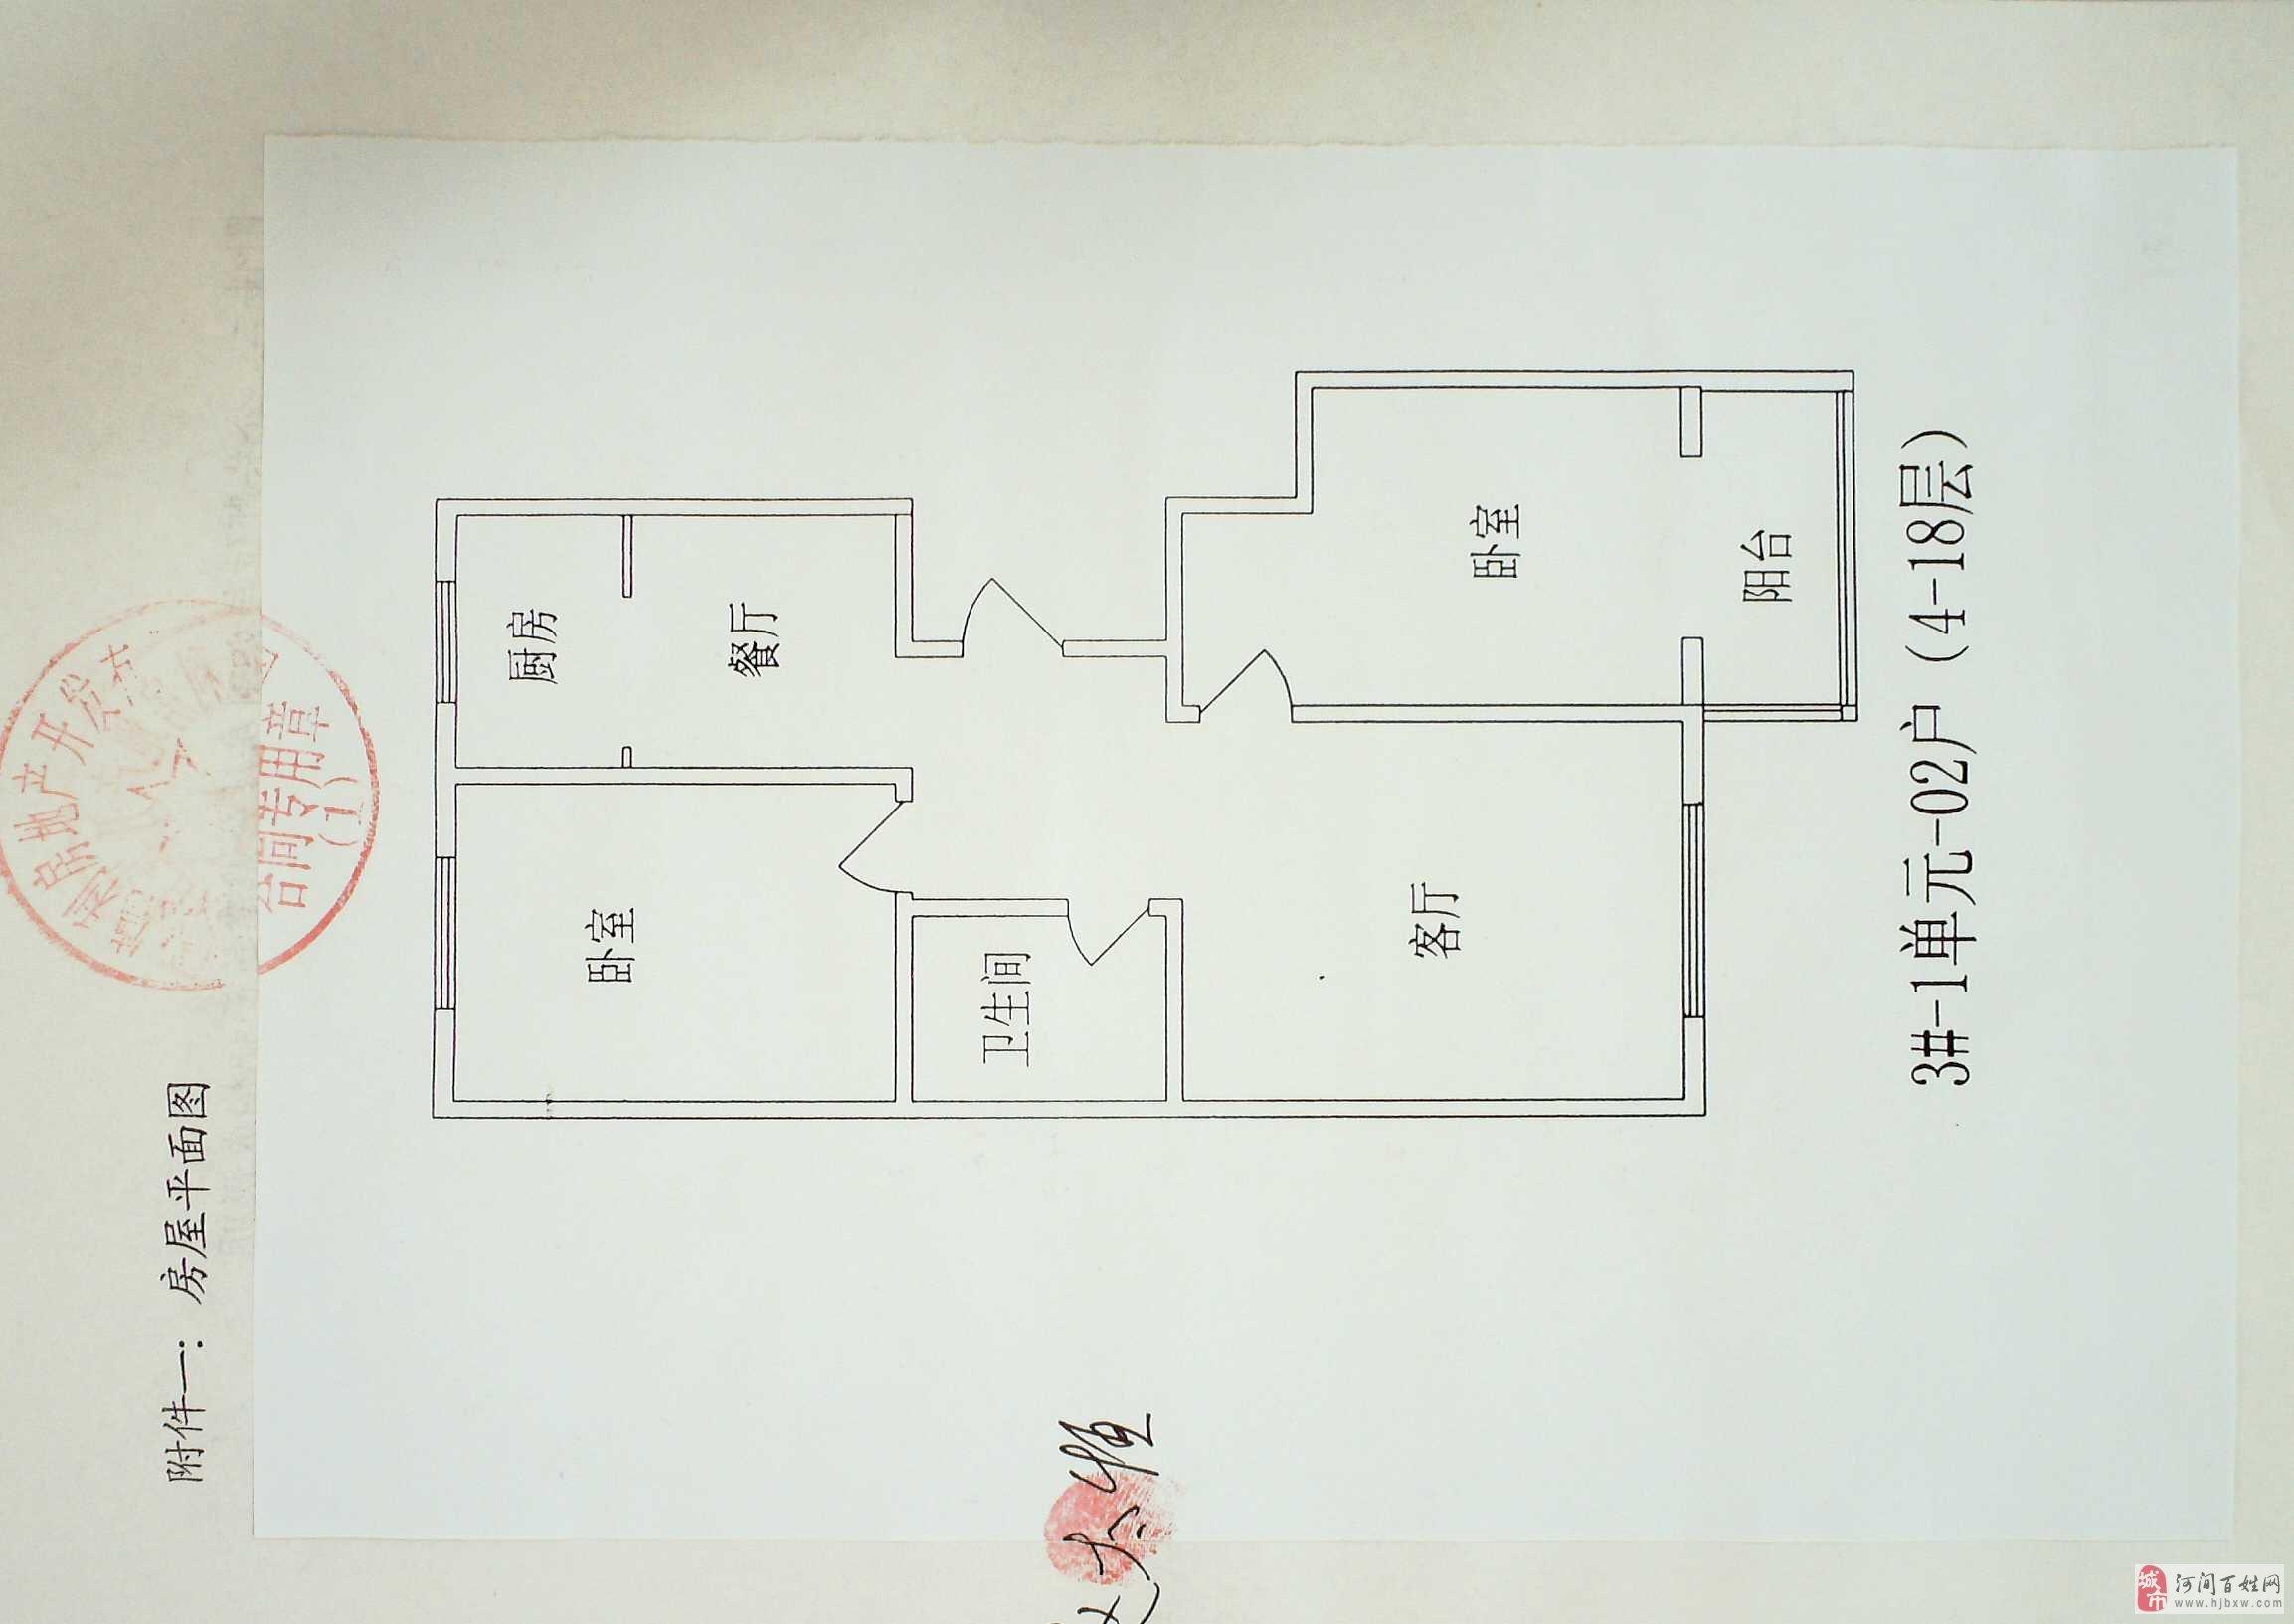 一楼层三间平房设计图展示_设计图分享